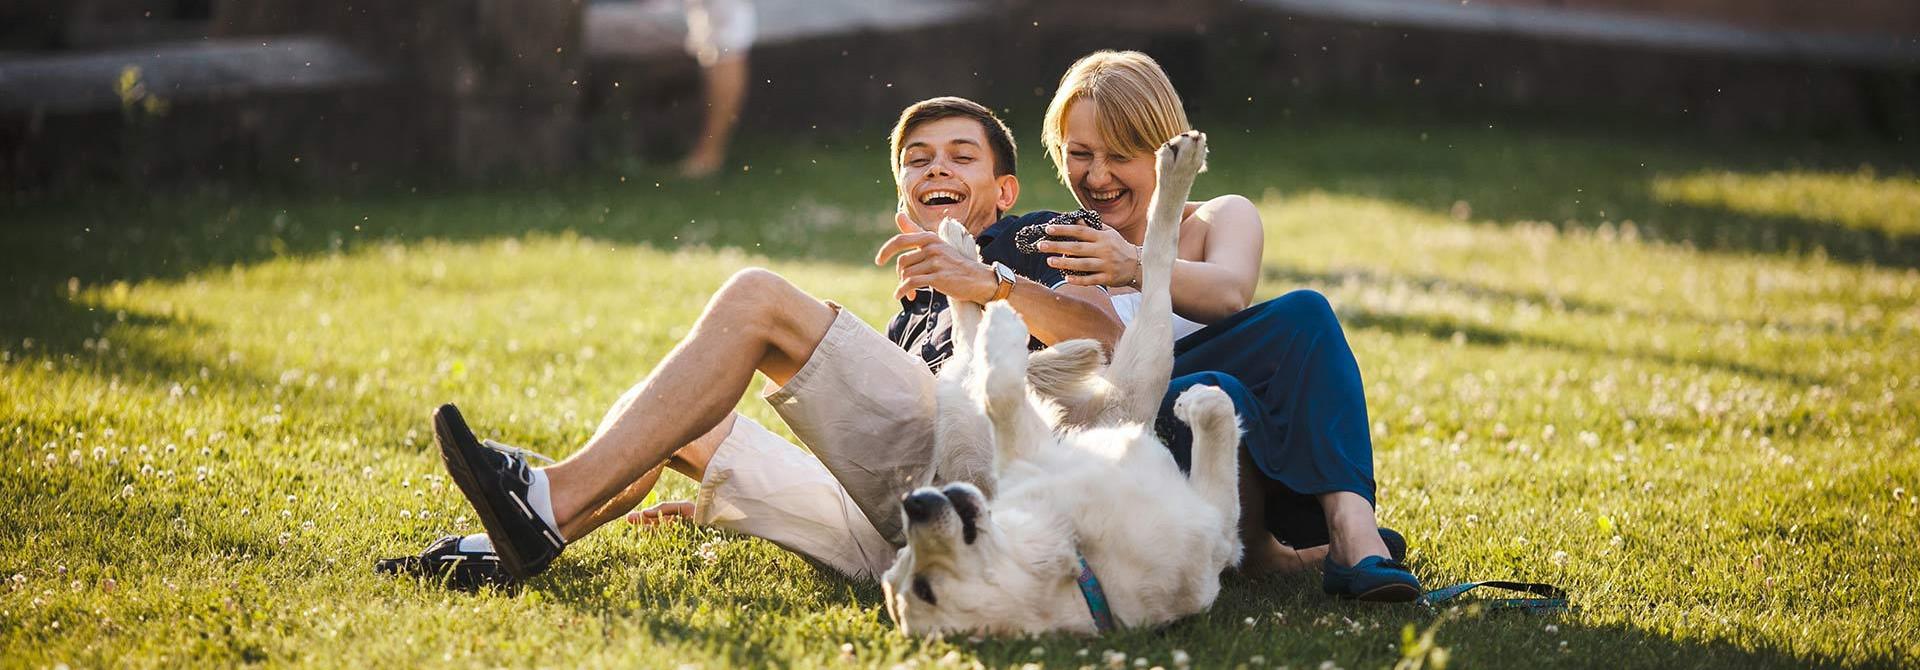 Klinika za male živali Veterinarstvo Trstenjak - Zajc Zdravje vašega ljubljenca - naša skrb!  DIAGNOSTIKA